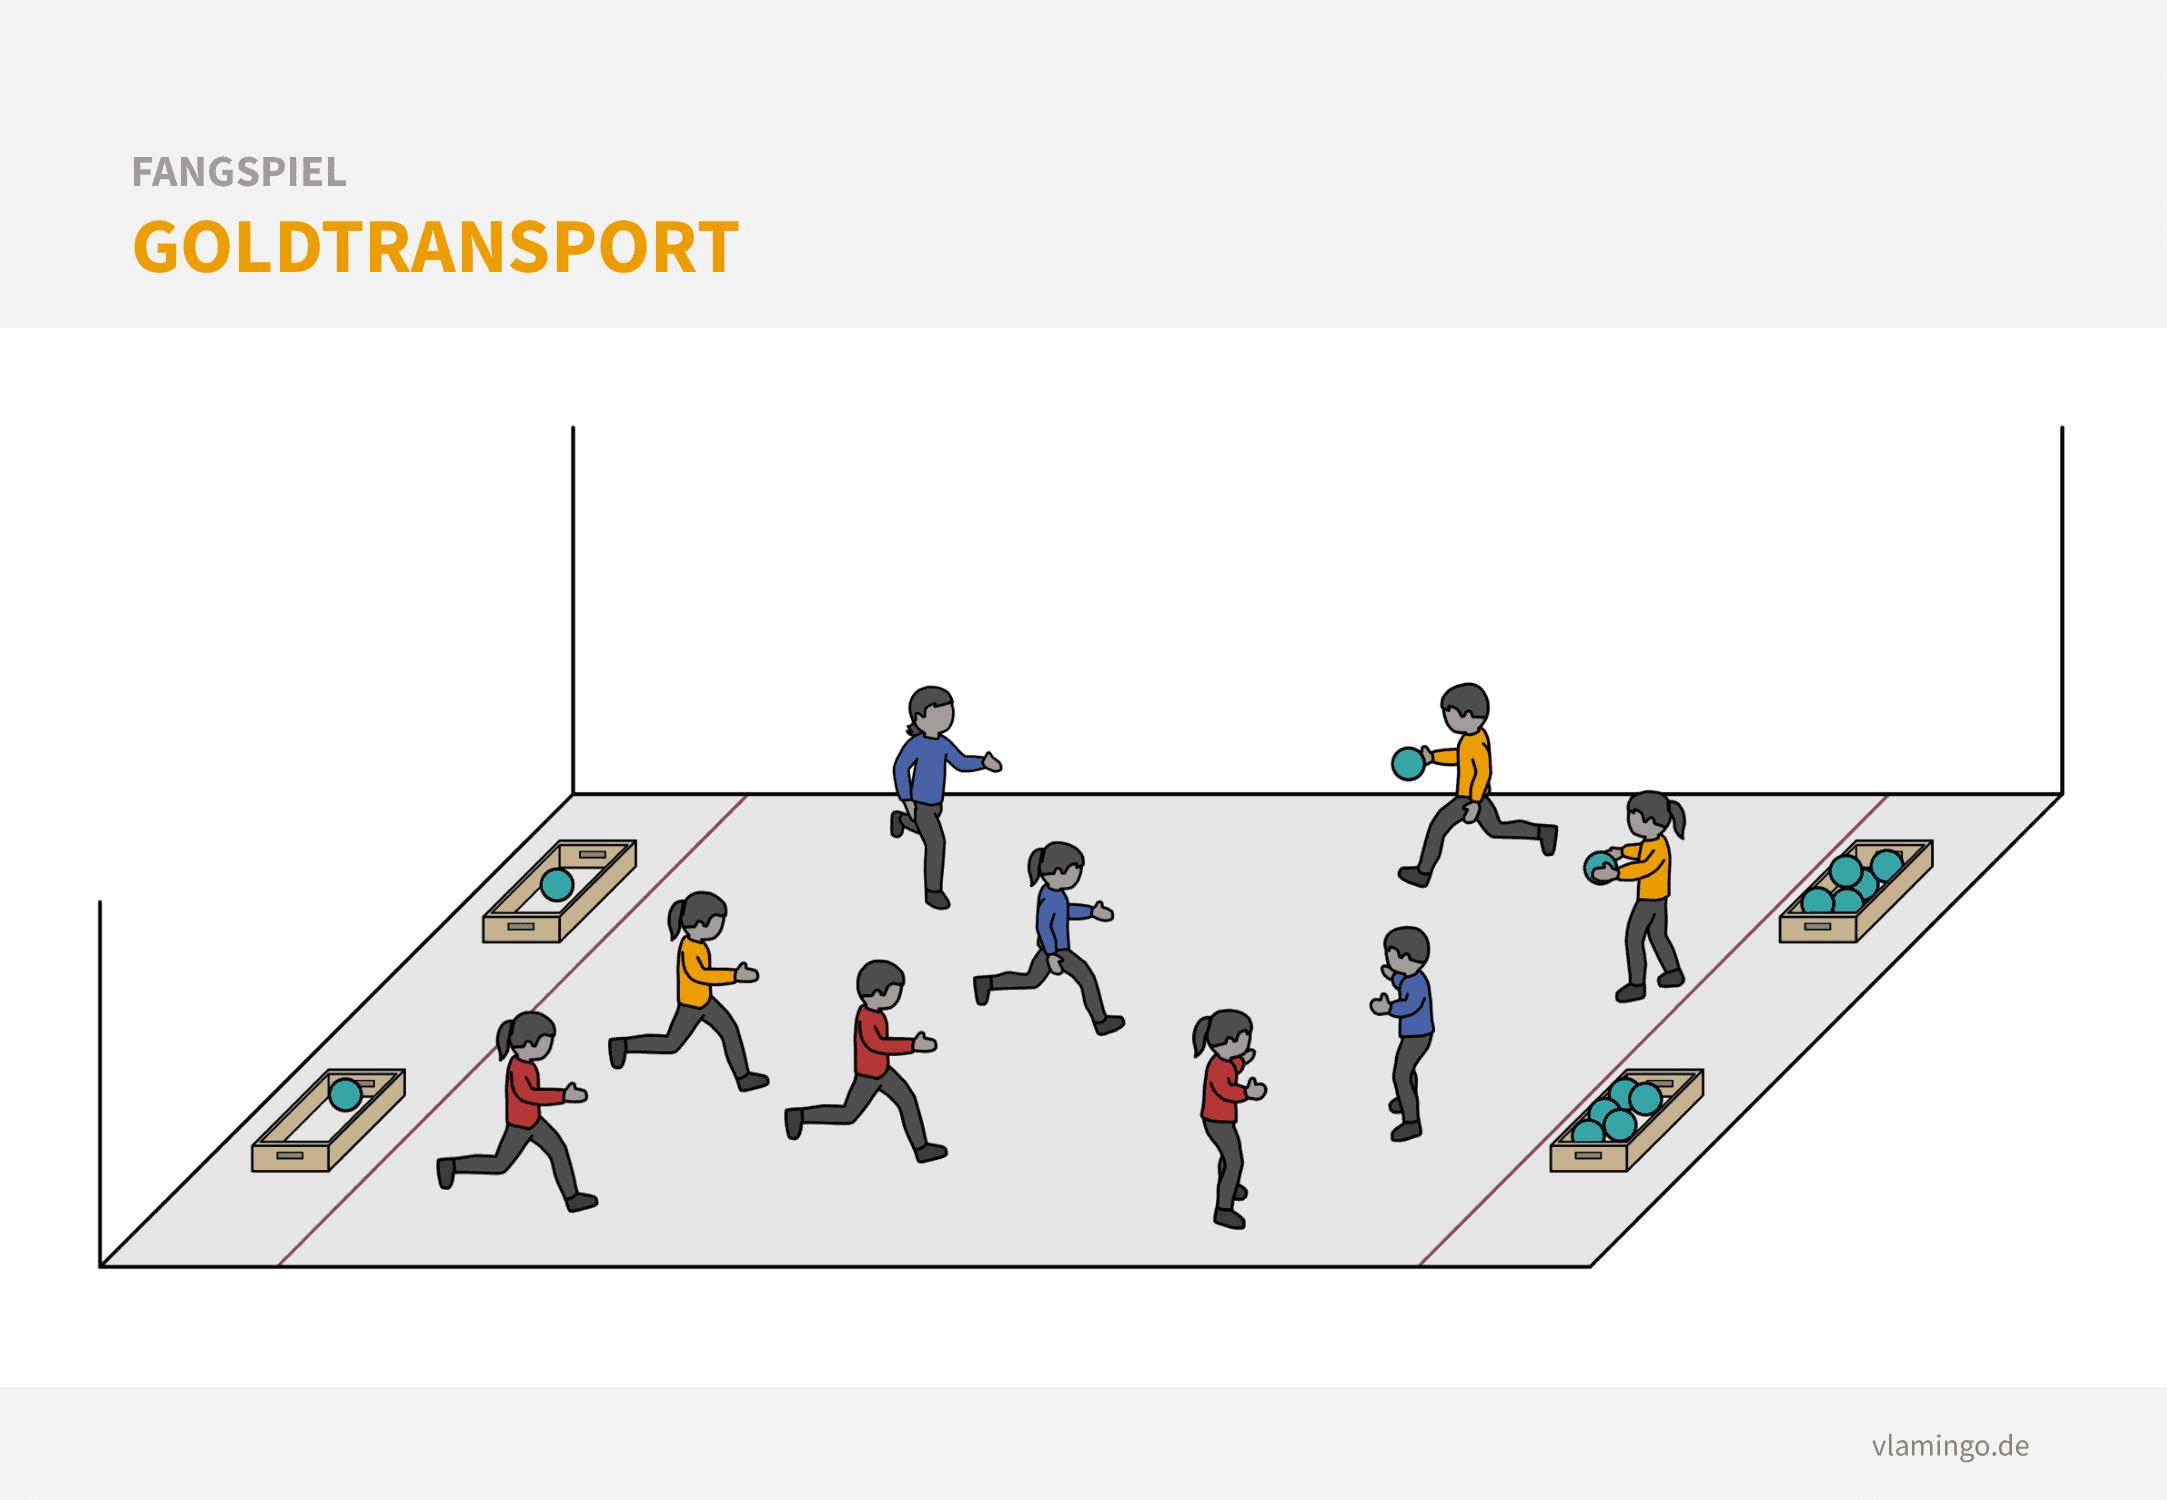 Fangspiel: Goldtransport